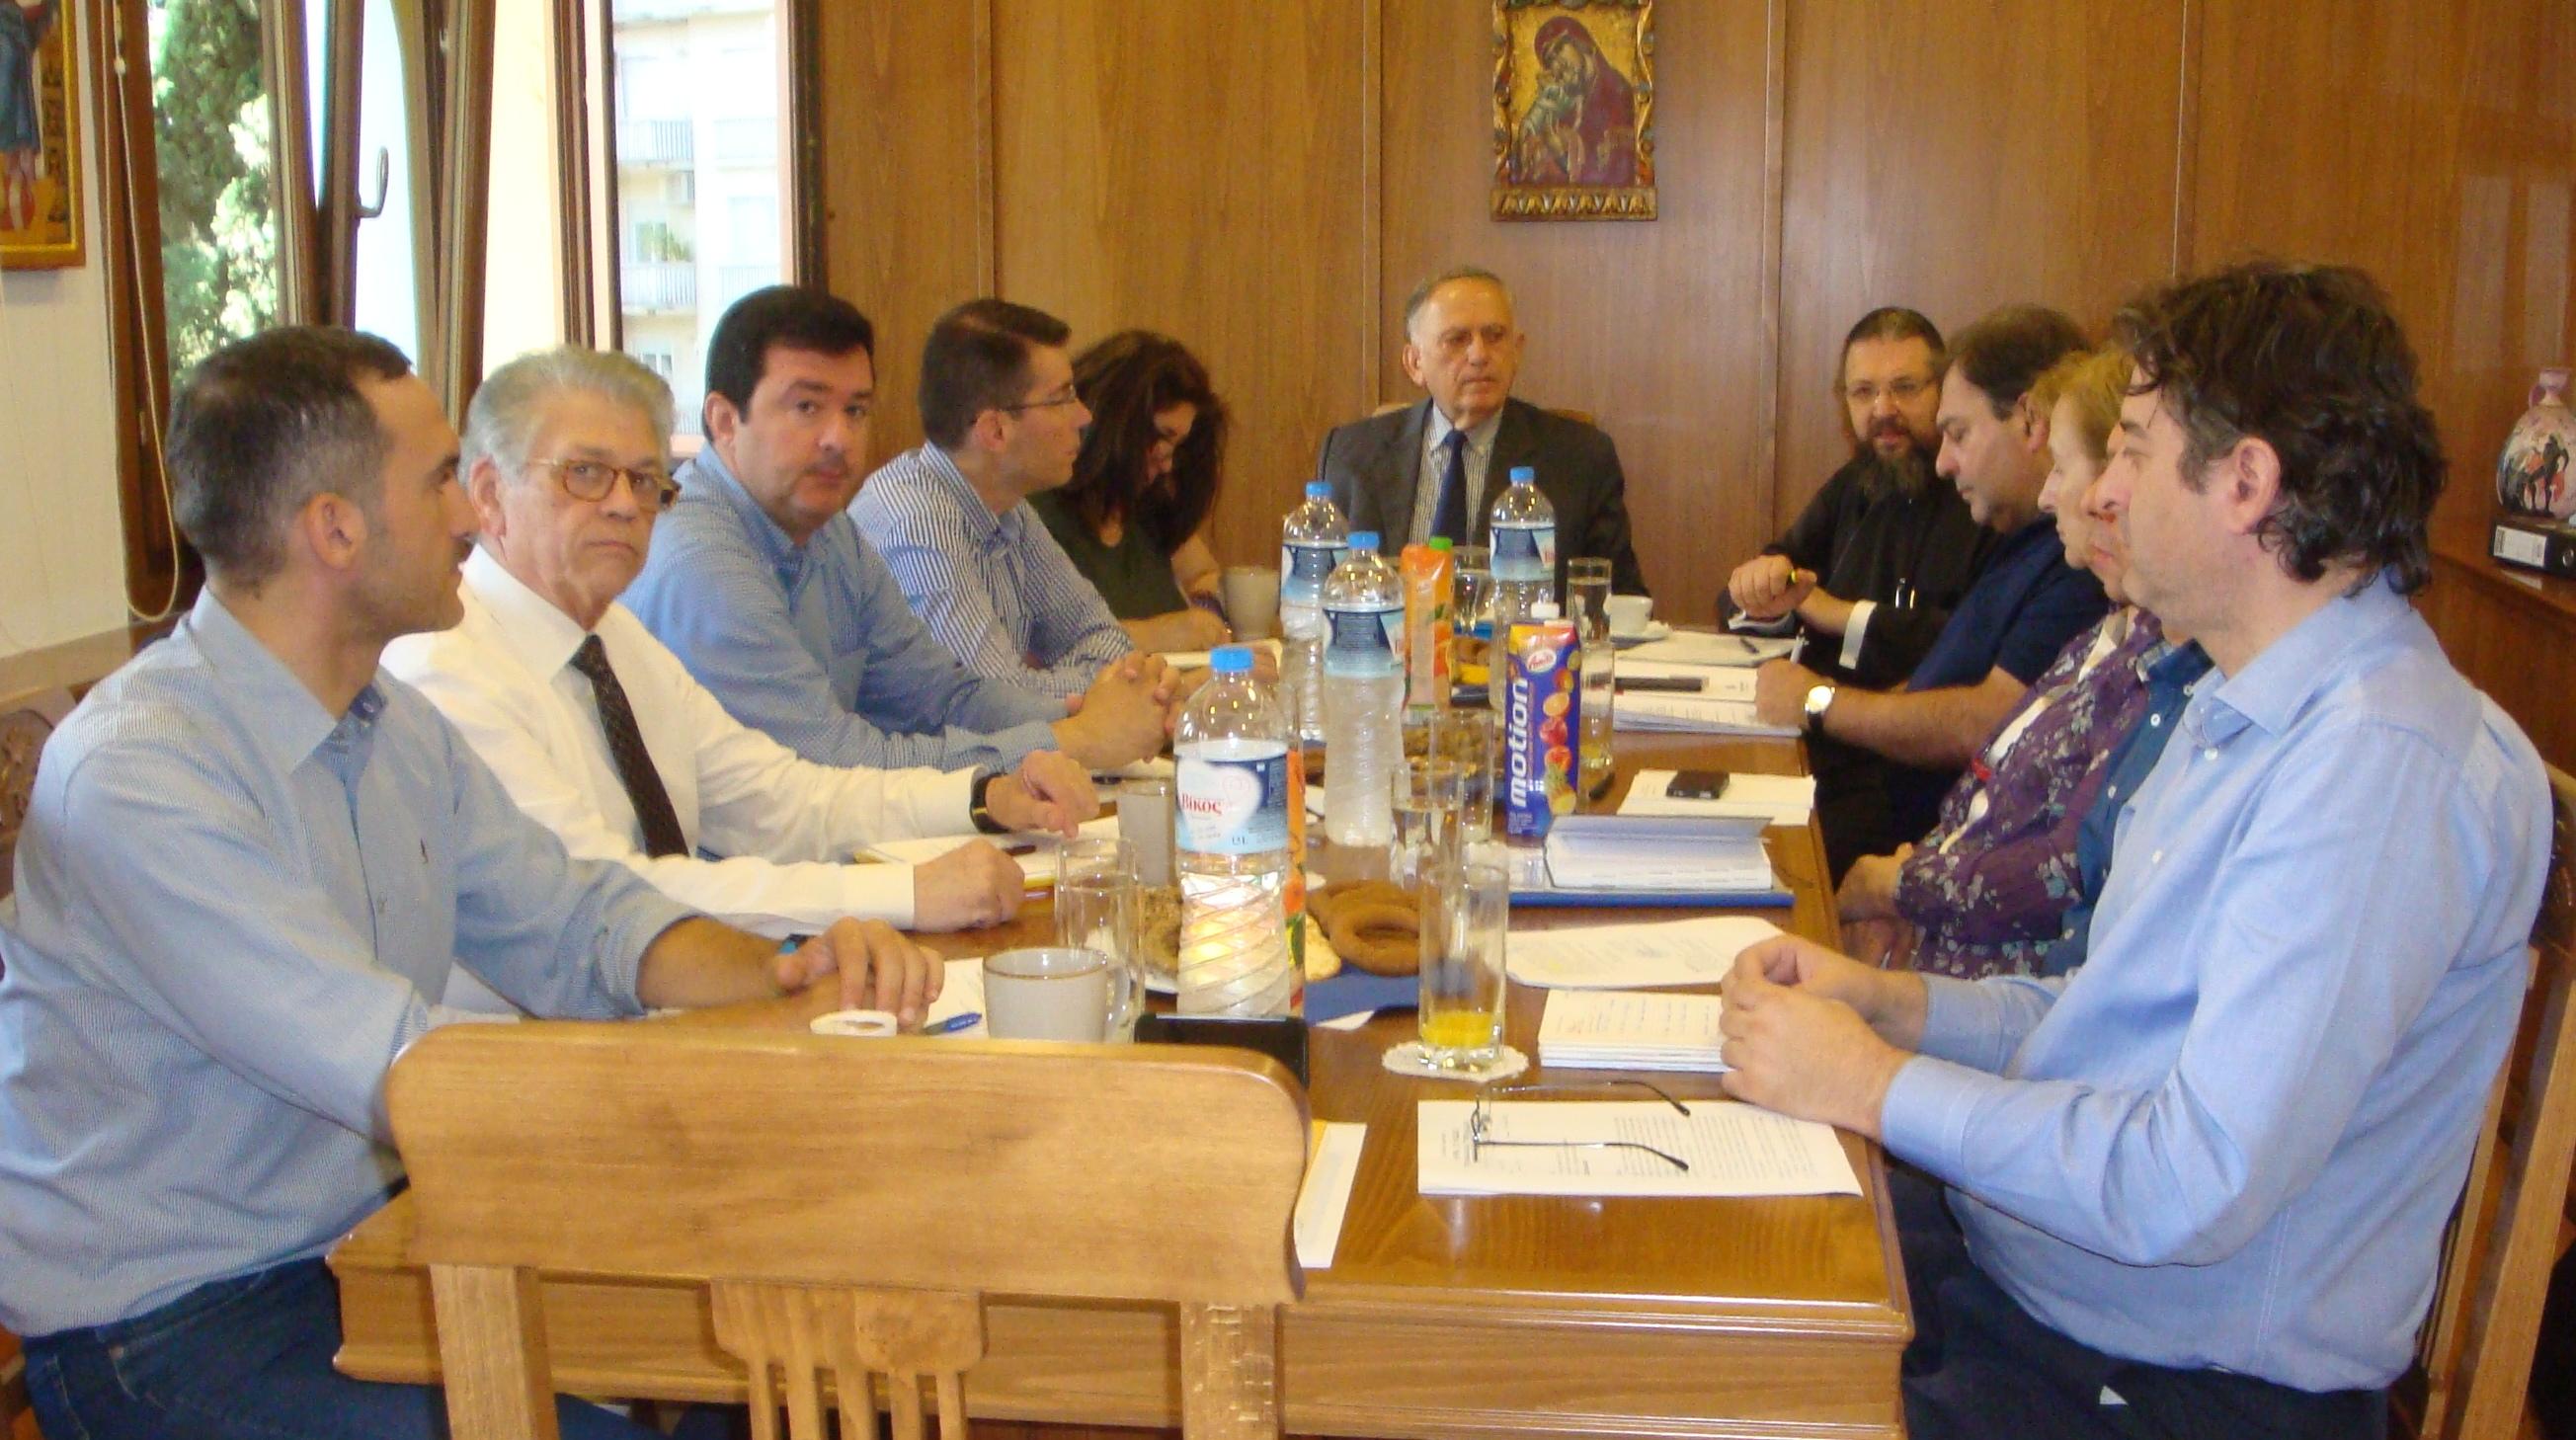 Ομάδα Εργασίας του Διακρατικού Προγράμματος Interreg V-A